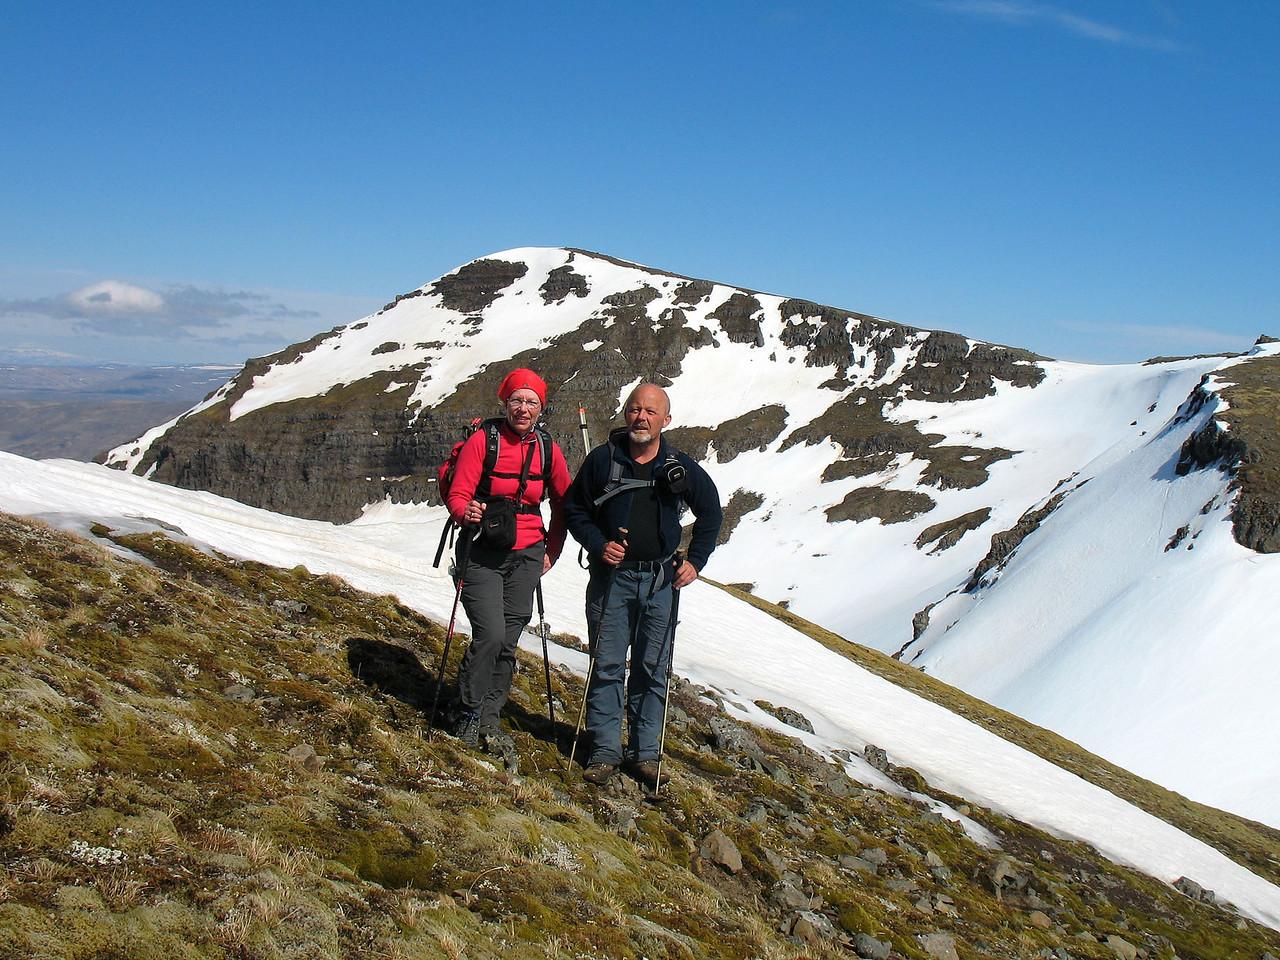 Gerður og Leifur með Tröllakirjuna í baksýn. Myndin er tekin í hlíð eins af Smjörhnjúkunum.